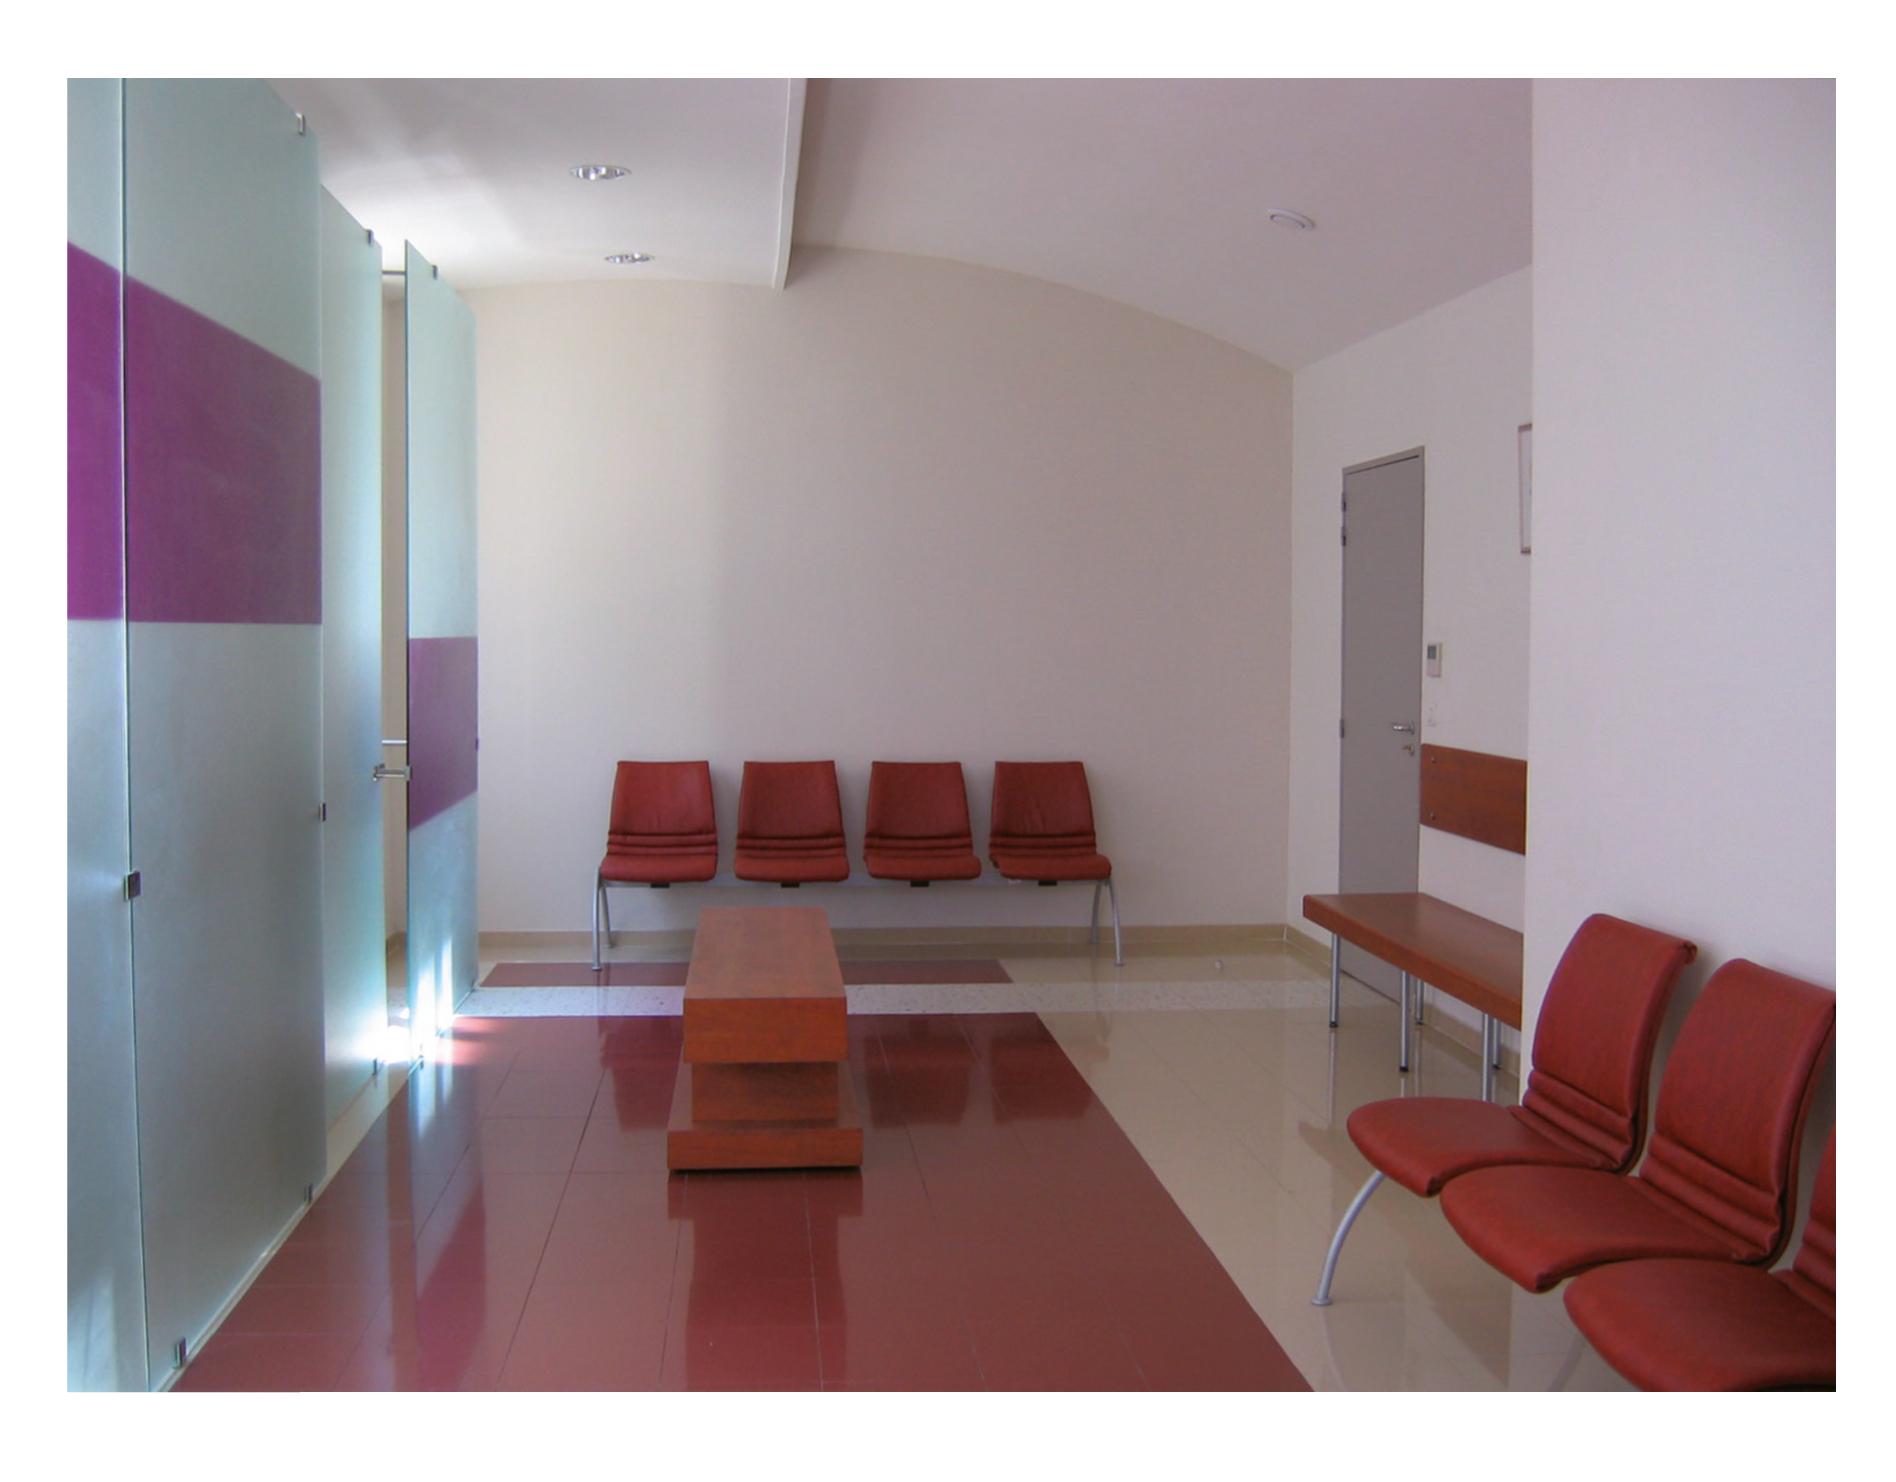 De l 39 ar t chitecture en milieu hospitalier illustrations for Architecte interieur antibes